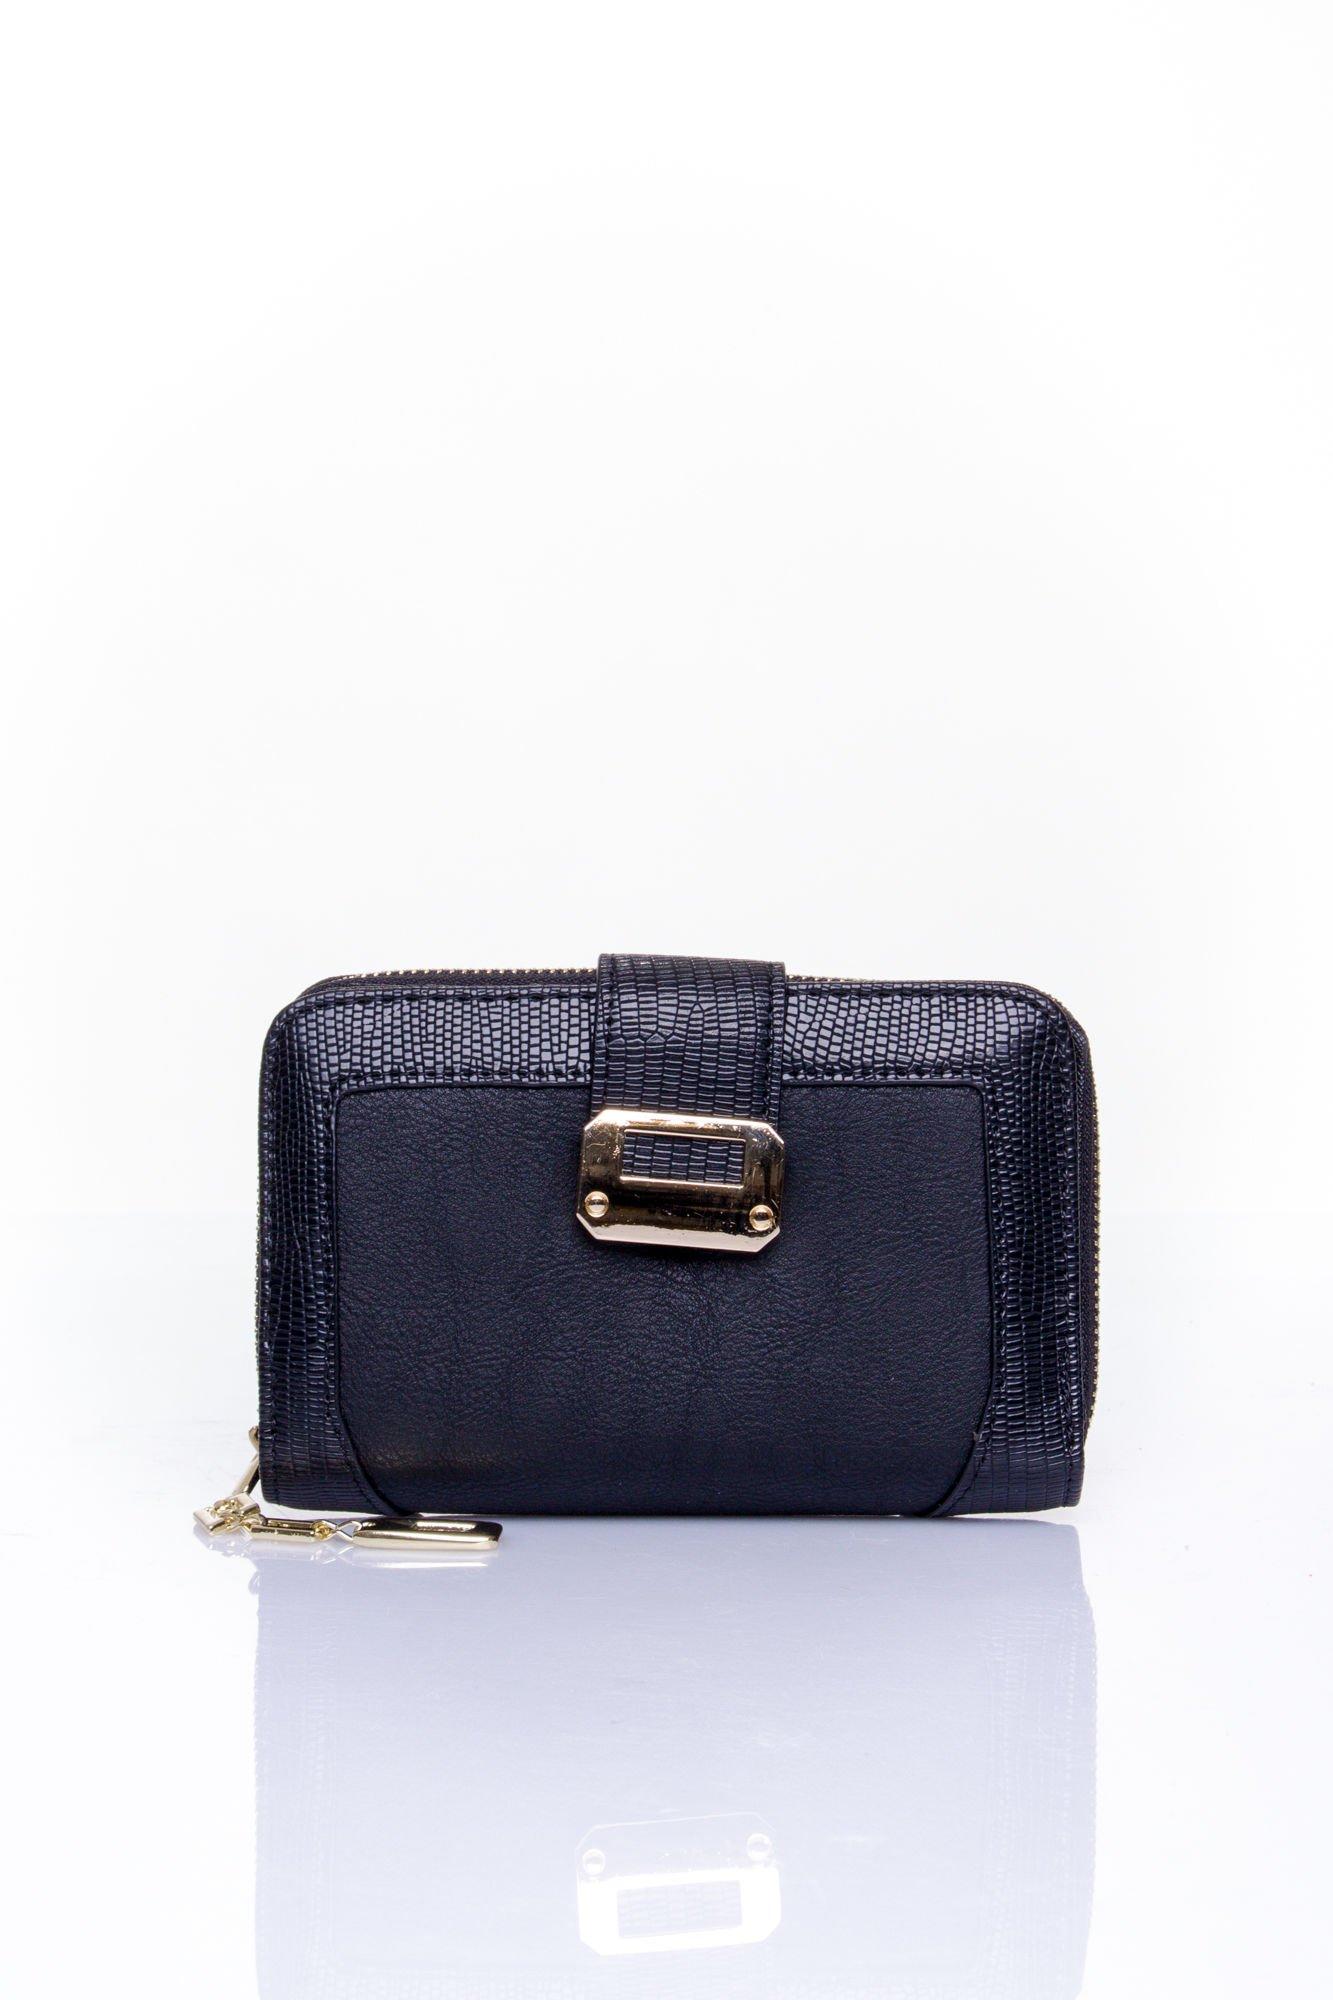 Czarny portfel z ozdobną złotą klamrą                                  zdj.                                  1